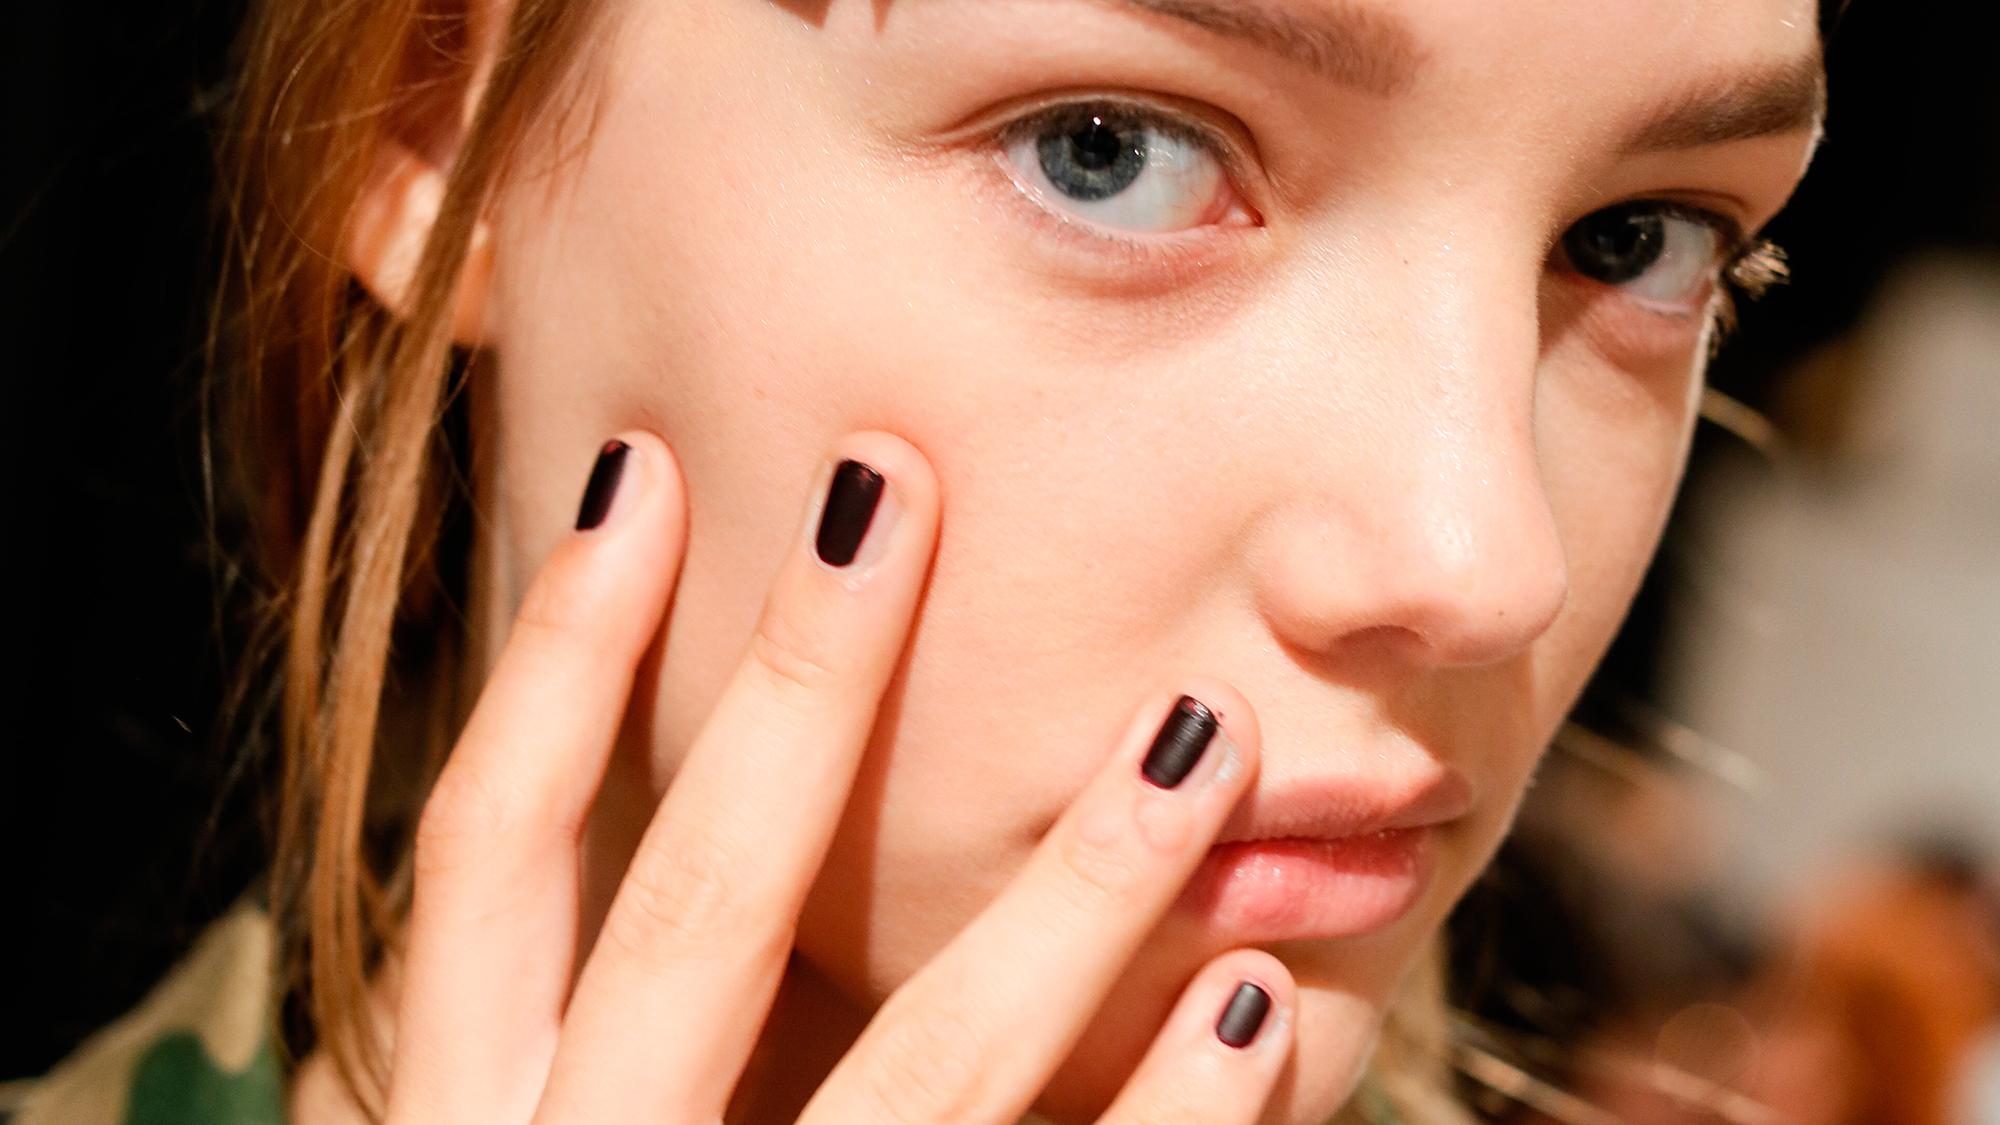 El contouring llega... ¡a las uñas!